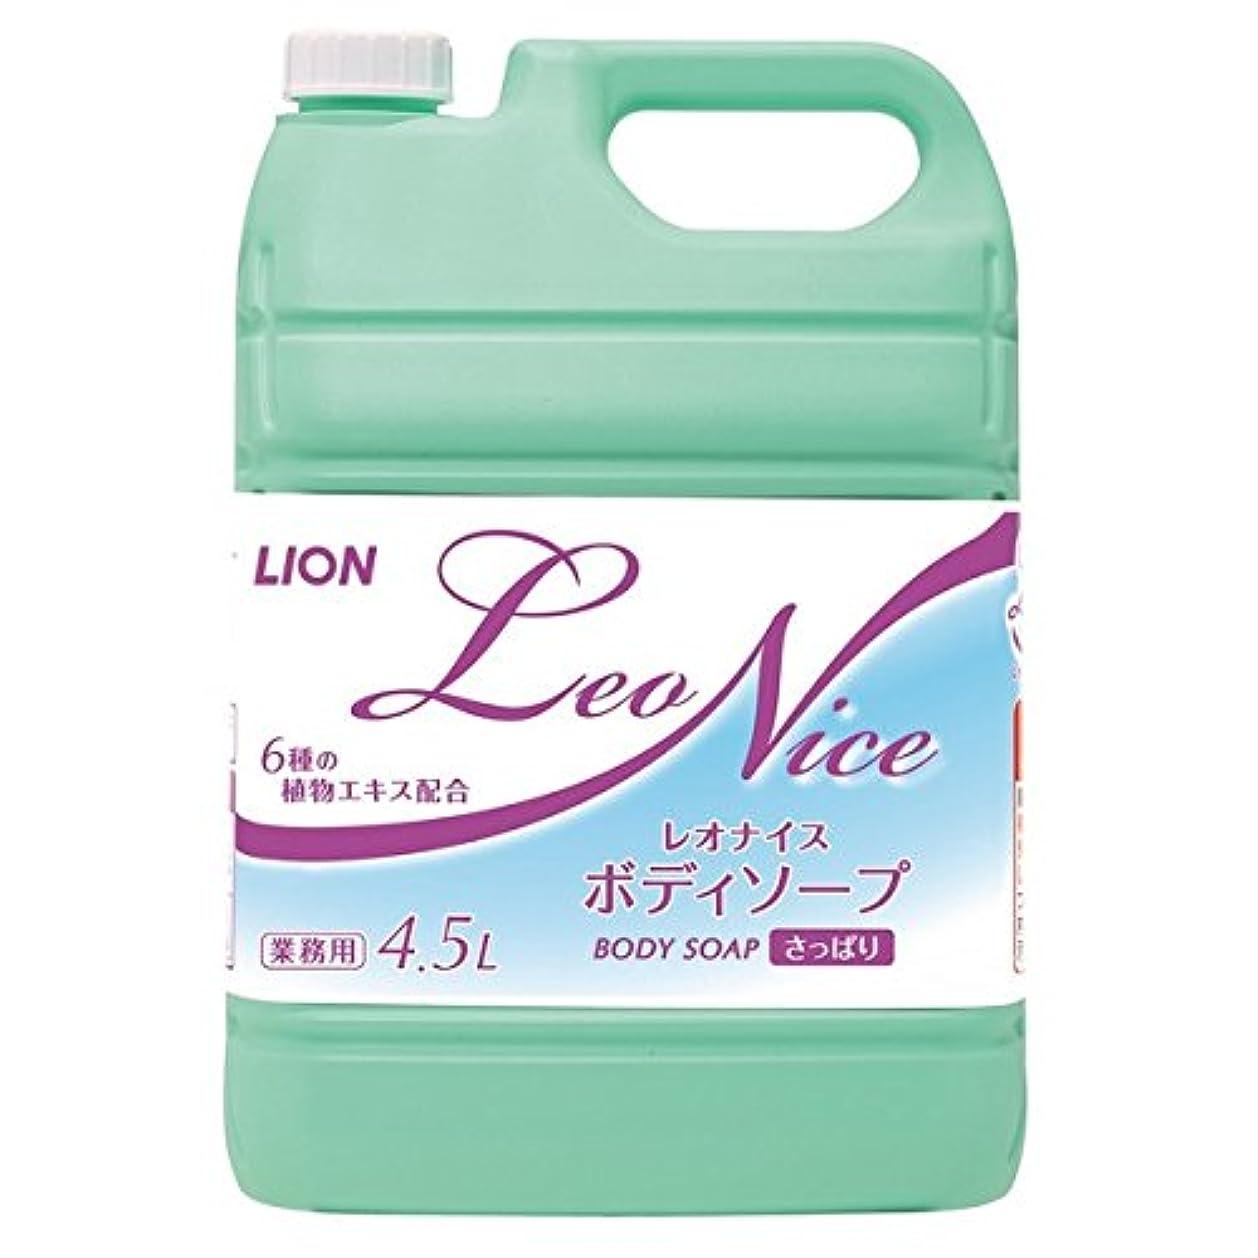 醸造所一般的に言えば可愛いライオン レオナイス さっぱりボディソープ 4.5L×3本入